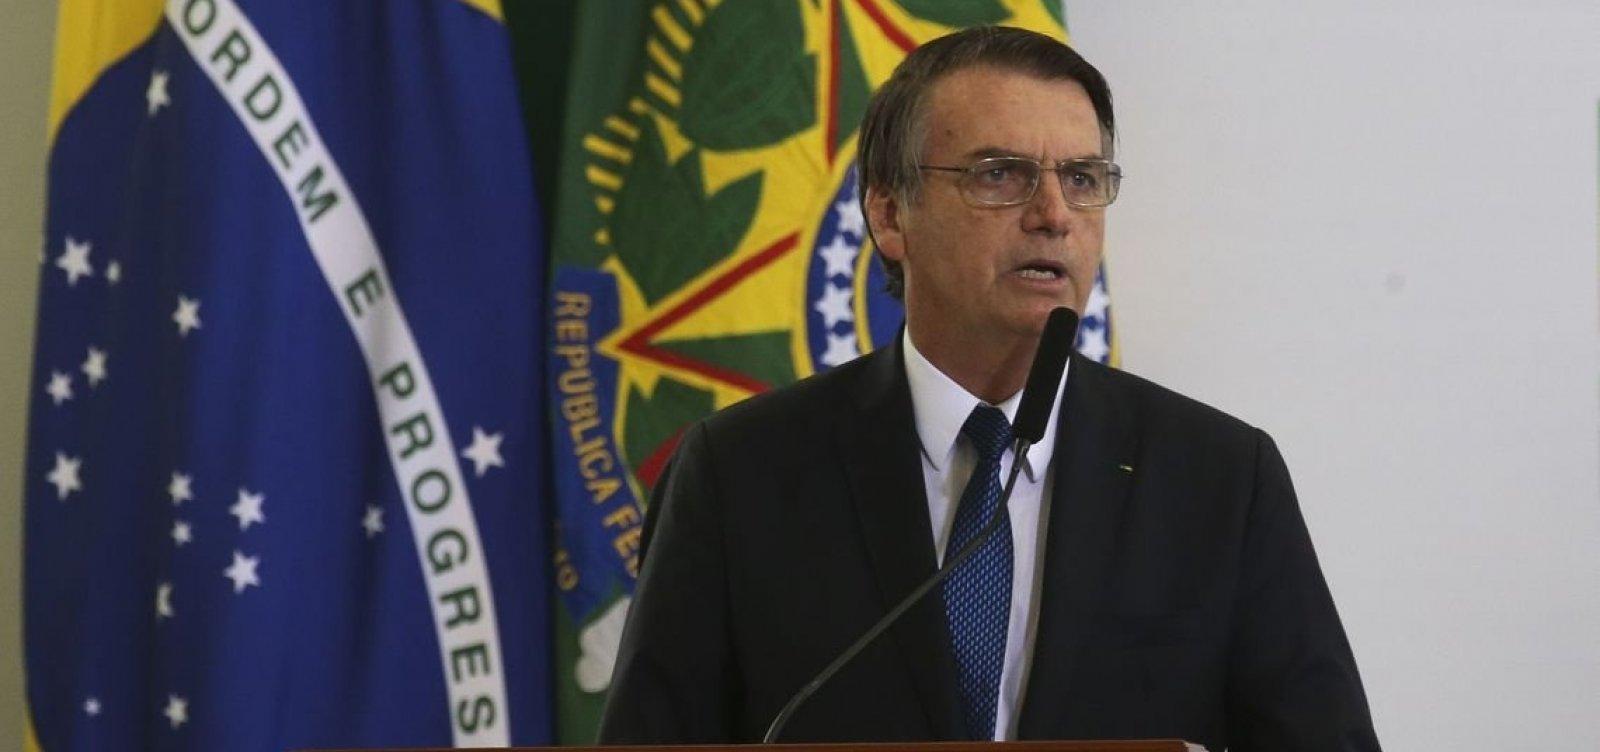 Bolsonaro extingue o Conselho dos Direitos da Pessoa com Deficiência